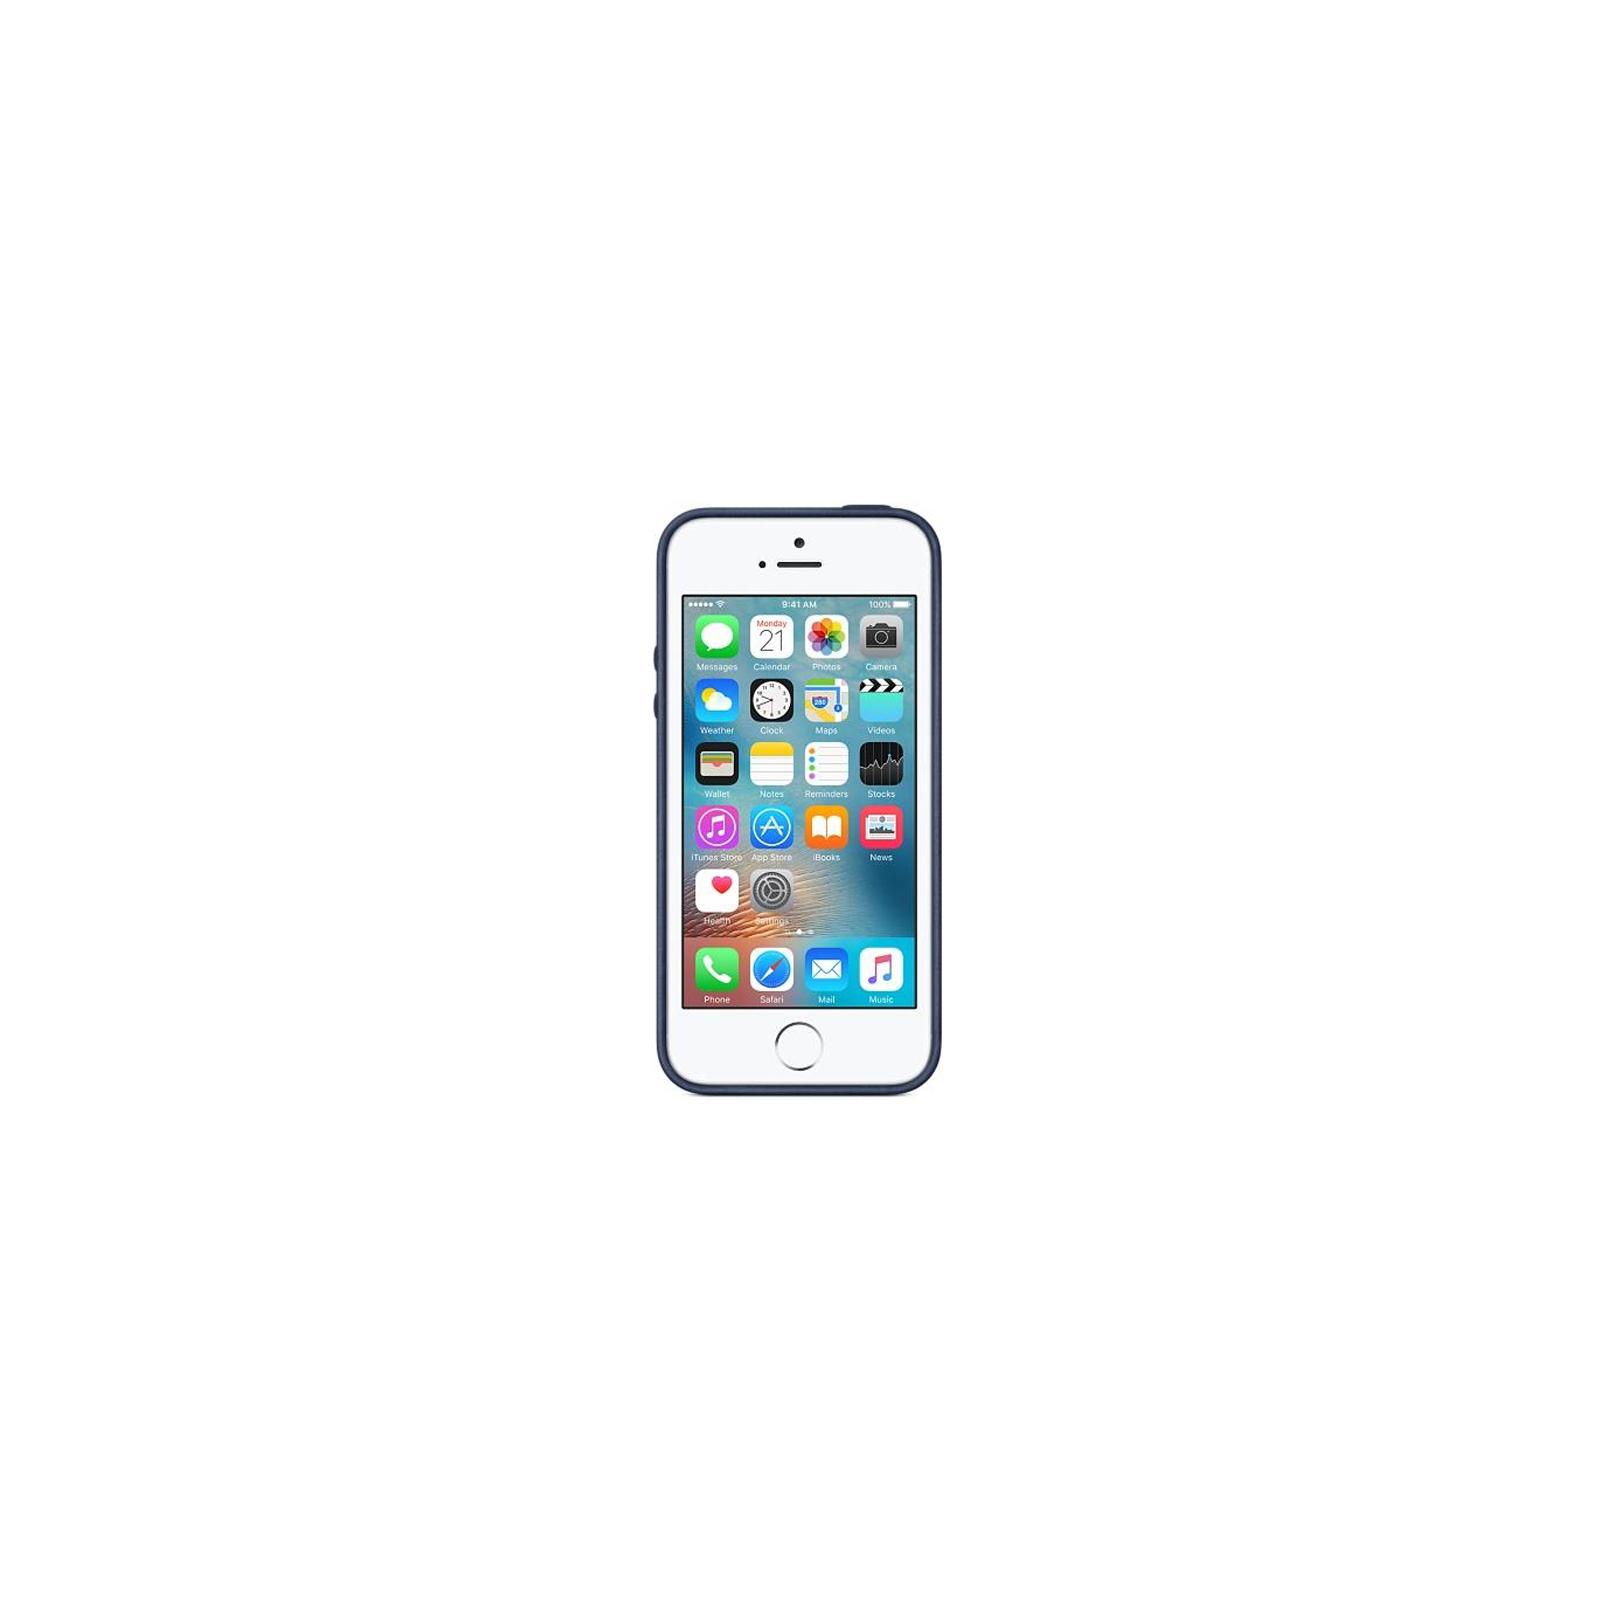 Чехол для моб. телефона Apple для iPhone 5s синий (MF044ZM/A) изображение 3